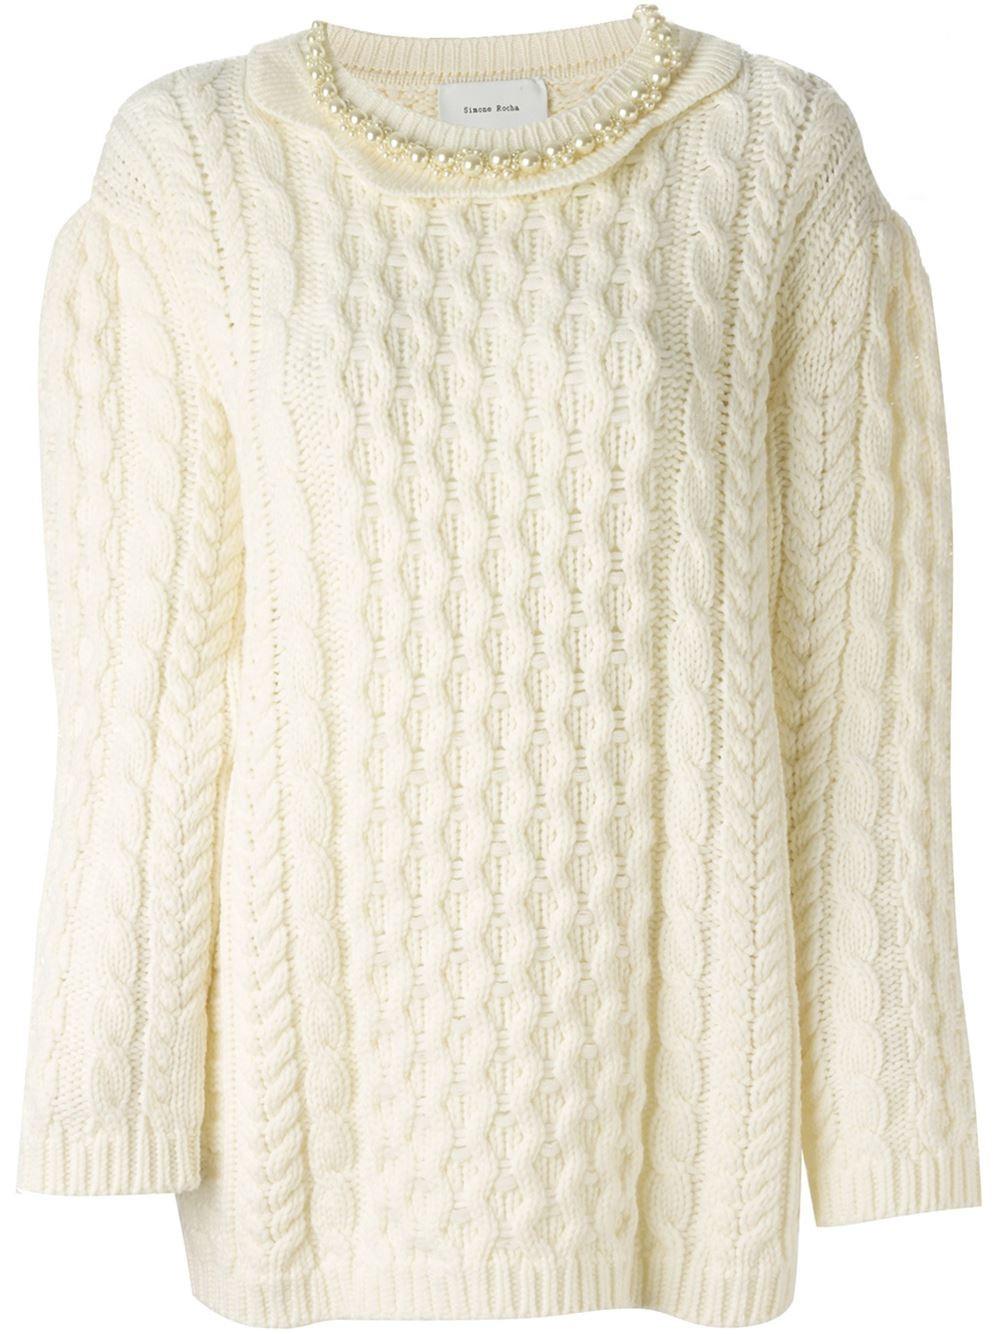 simone-rocha-cream-scallop-pearl-neck-sweater-beige-product-0-436945855-normal